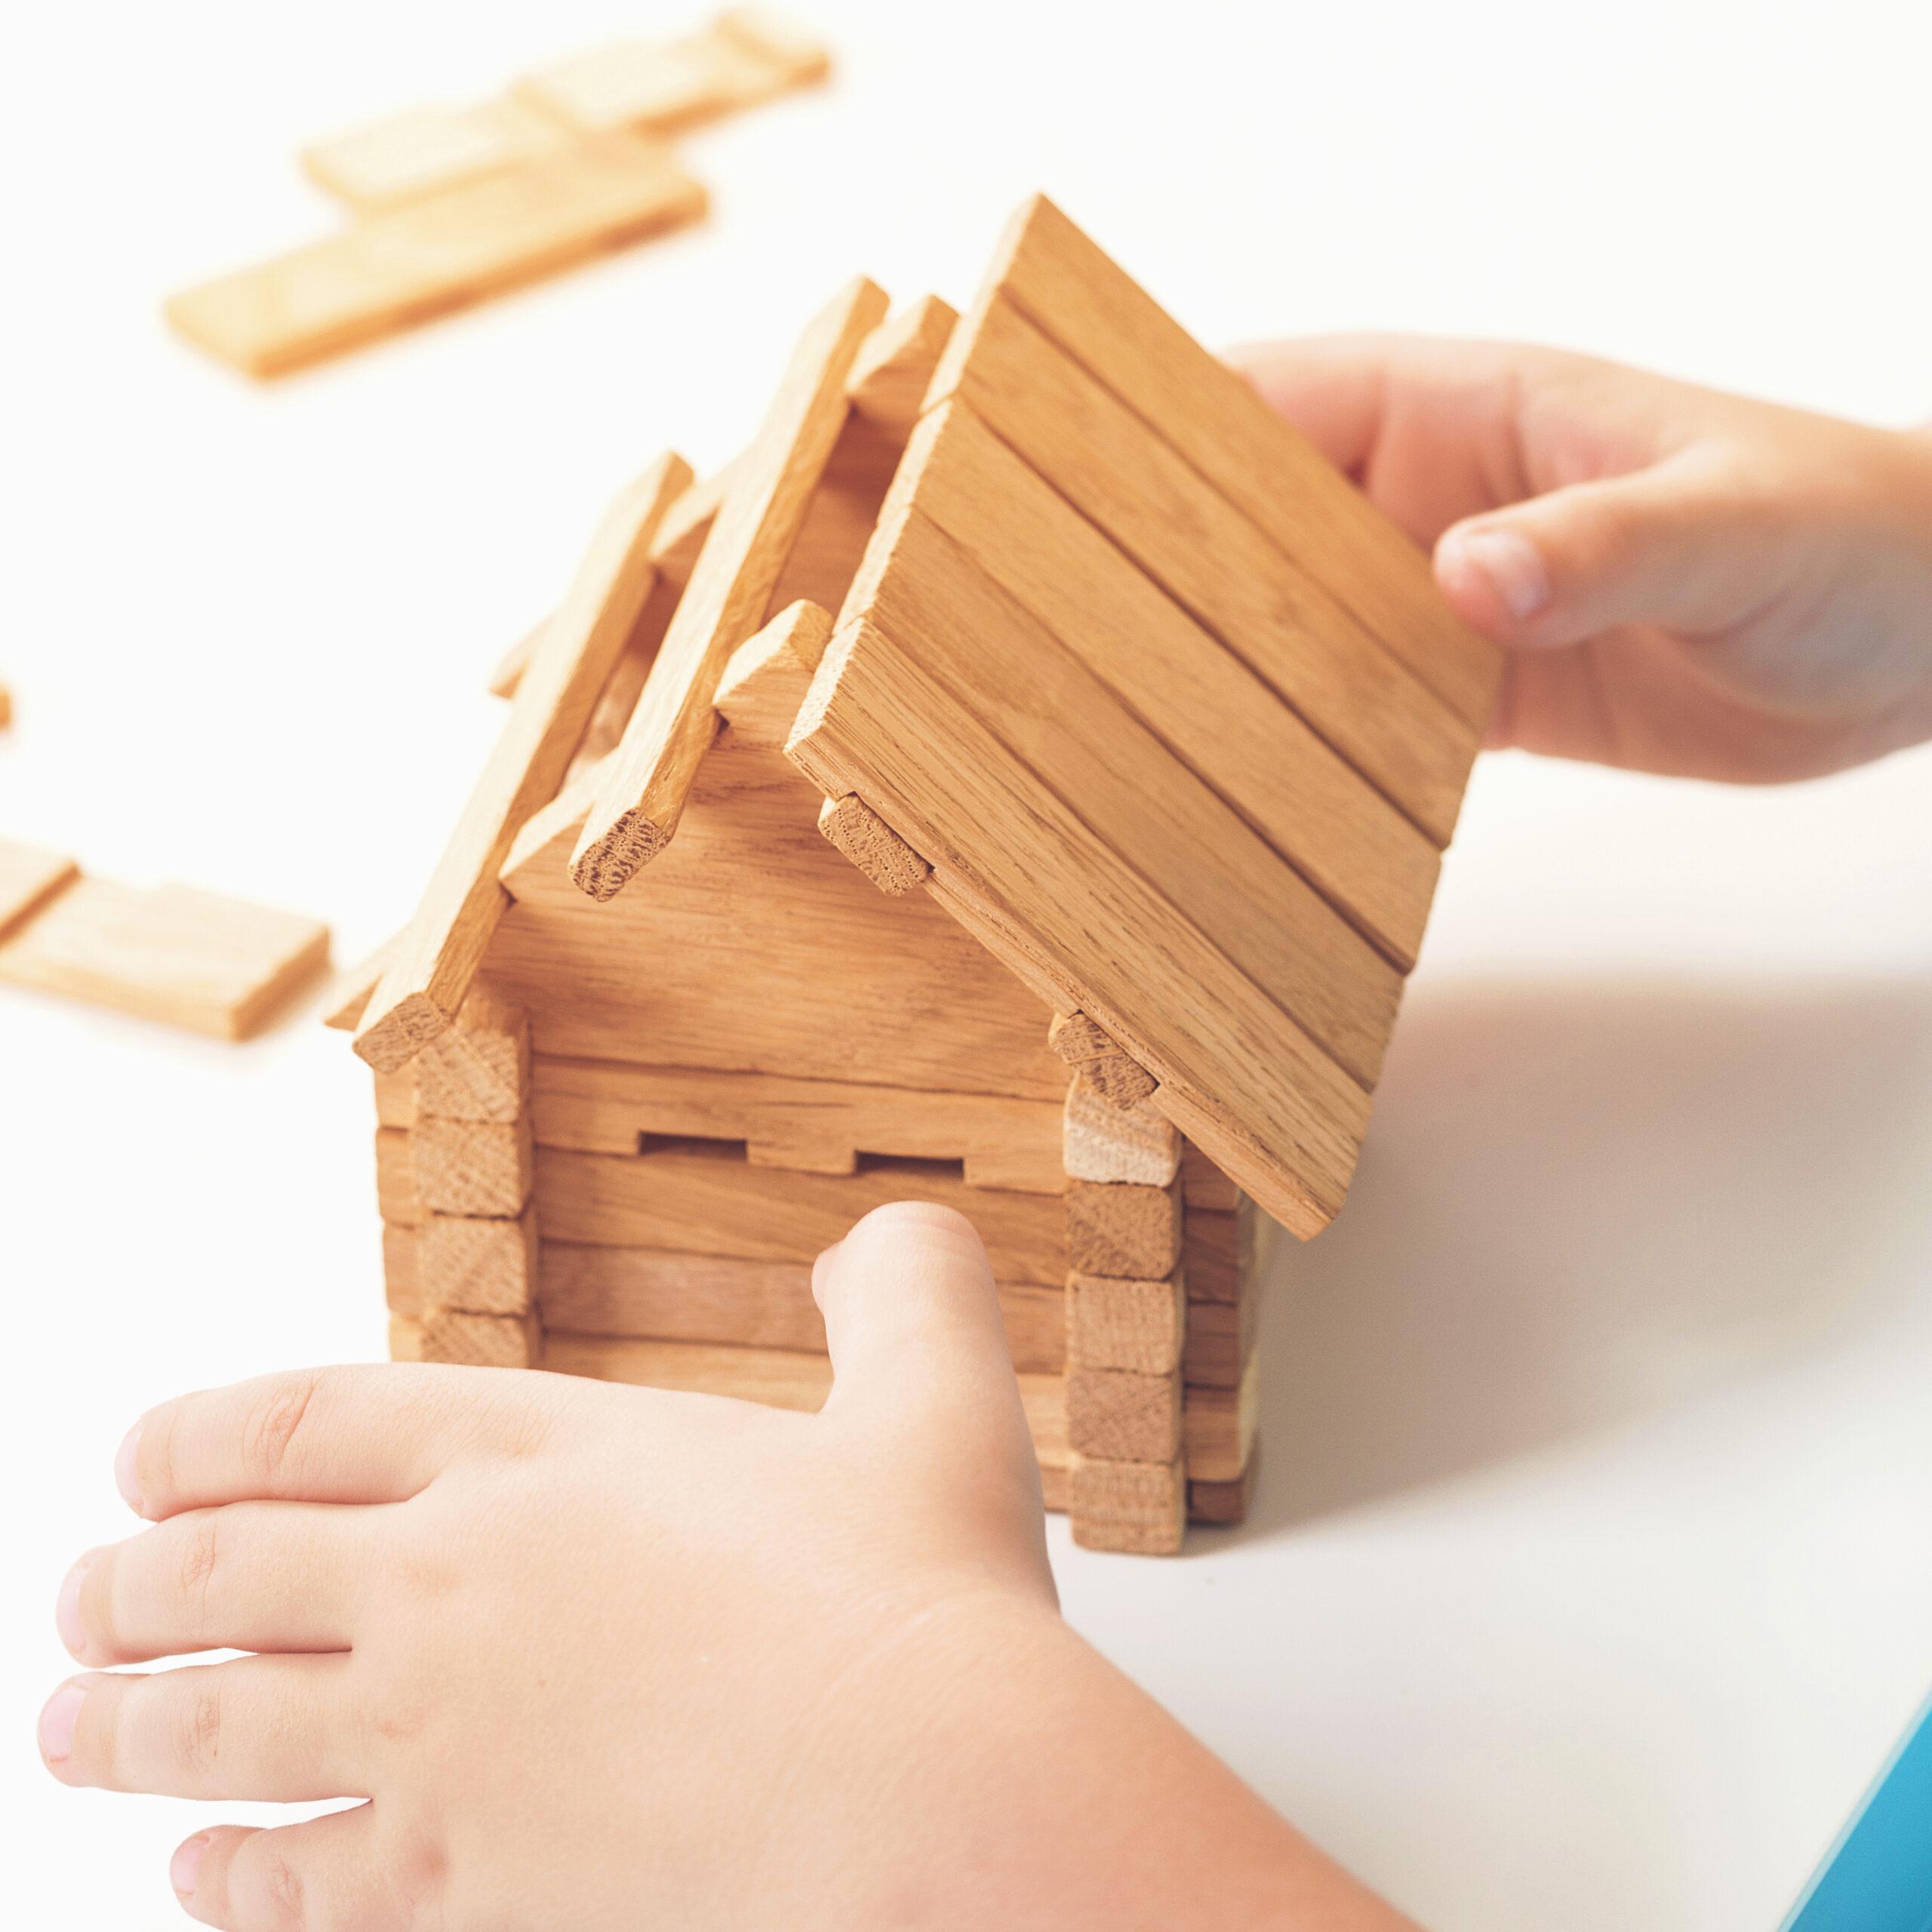 Kinderhanden knutselen met ijslolly stokjes